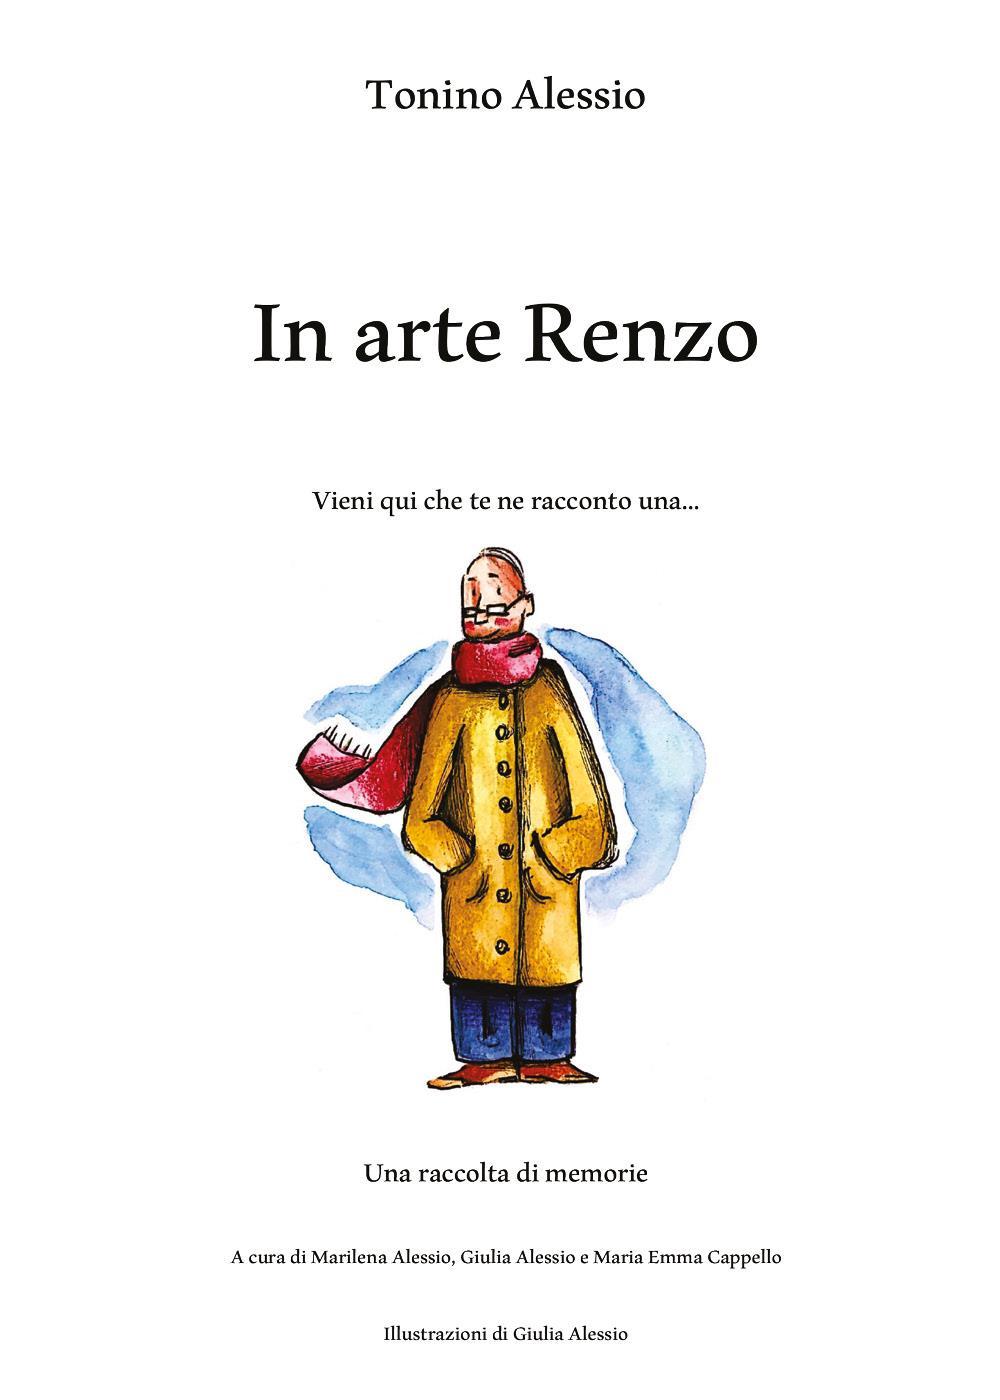 In arte Renzo - Vieni qui che te ne racconto una...